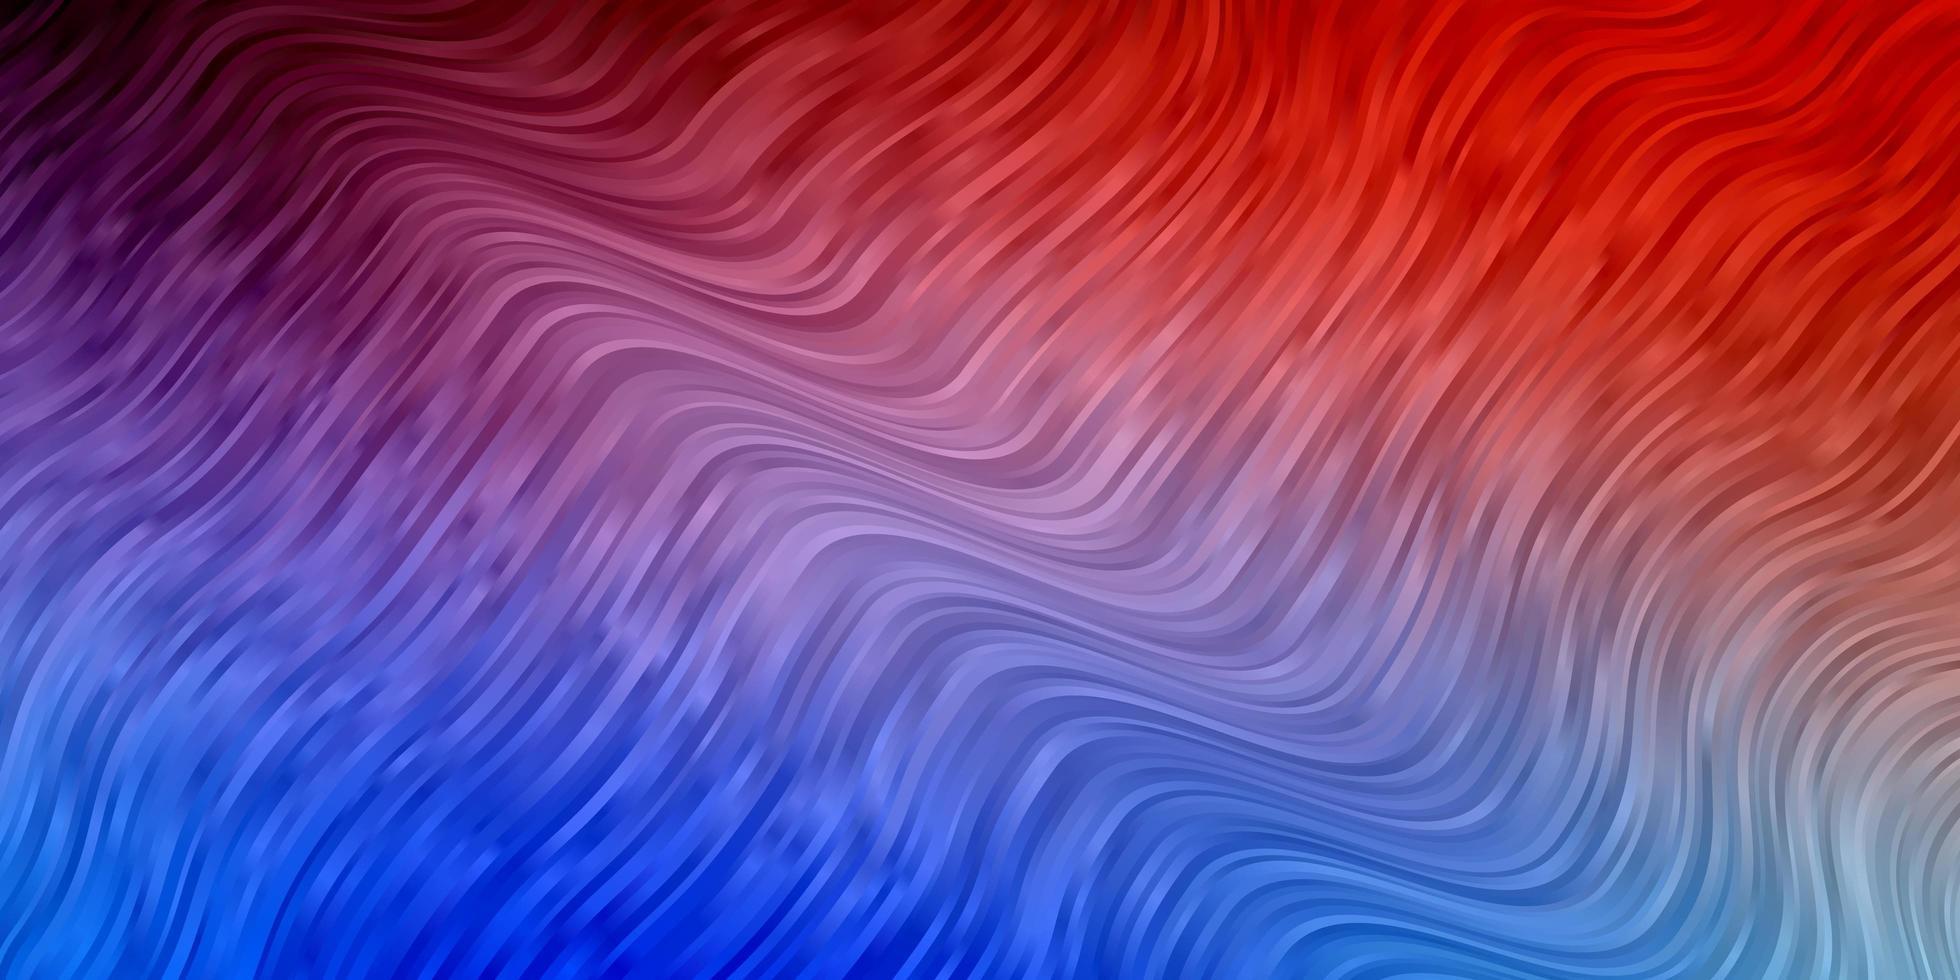 fundo azul e vermelho claro com linhas curvas. vetor